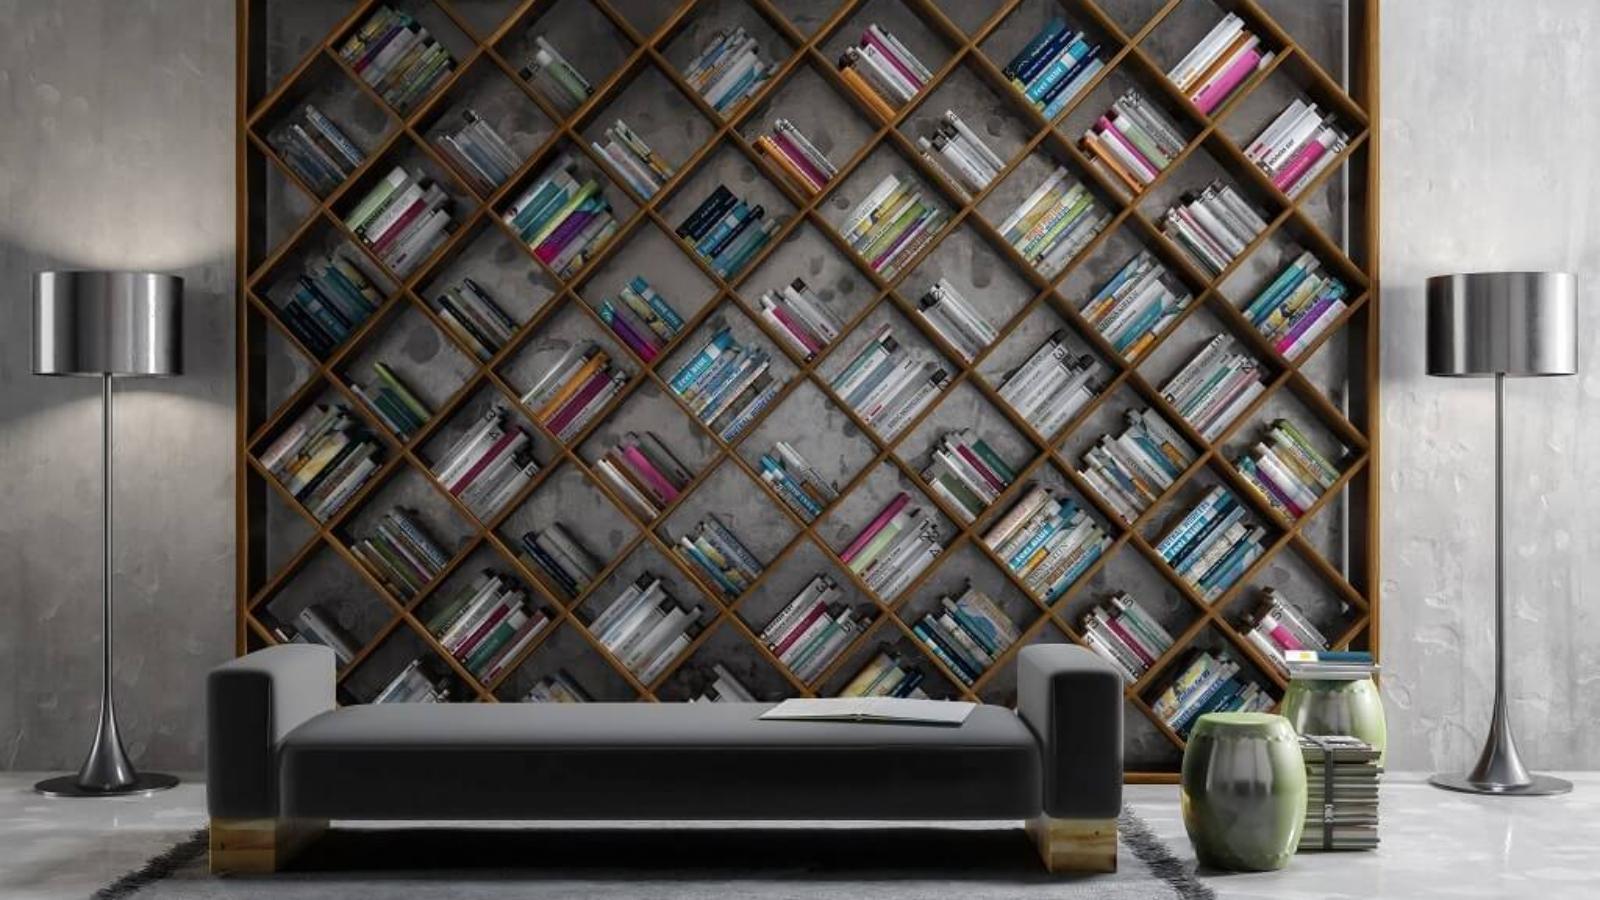 TIDarticoli_Librerie-design_Il-salotto-e-un-viaggio_011574780982